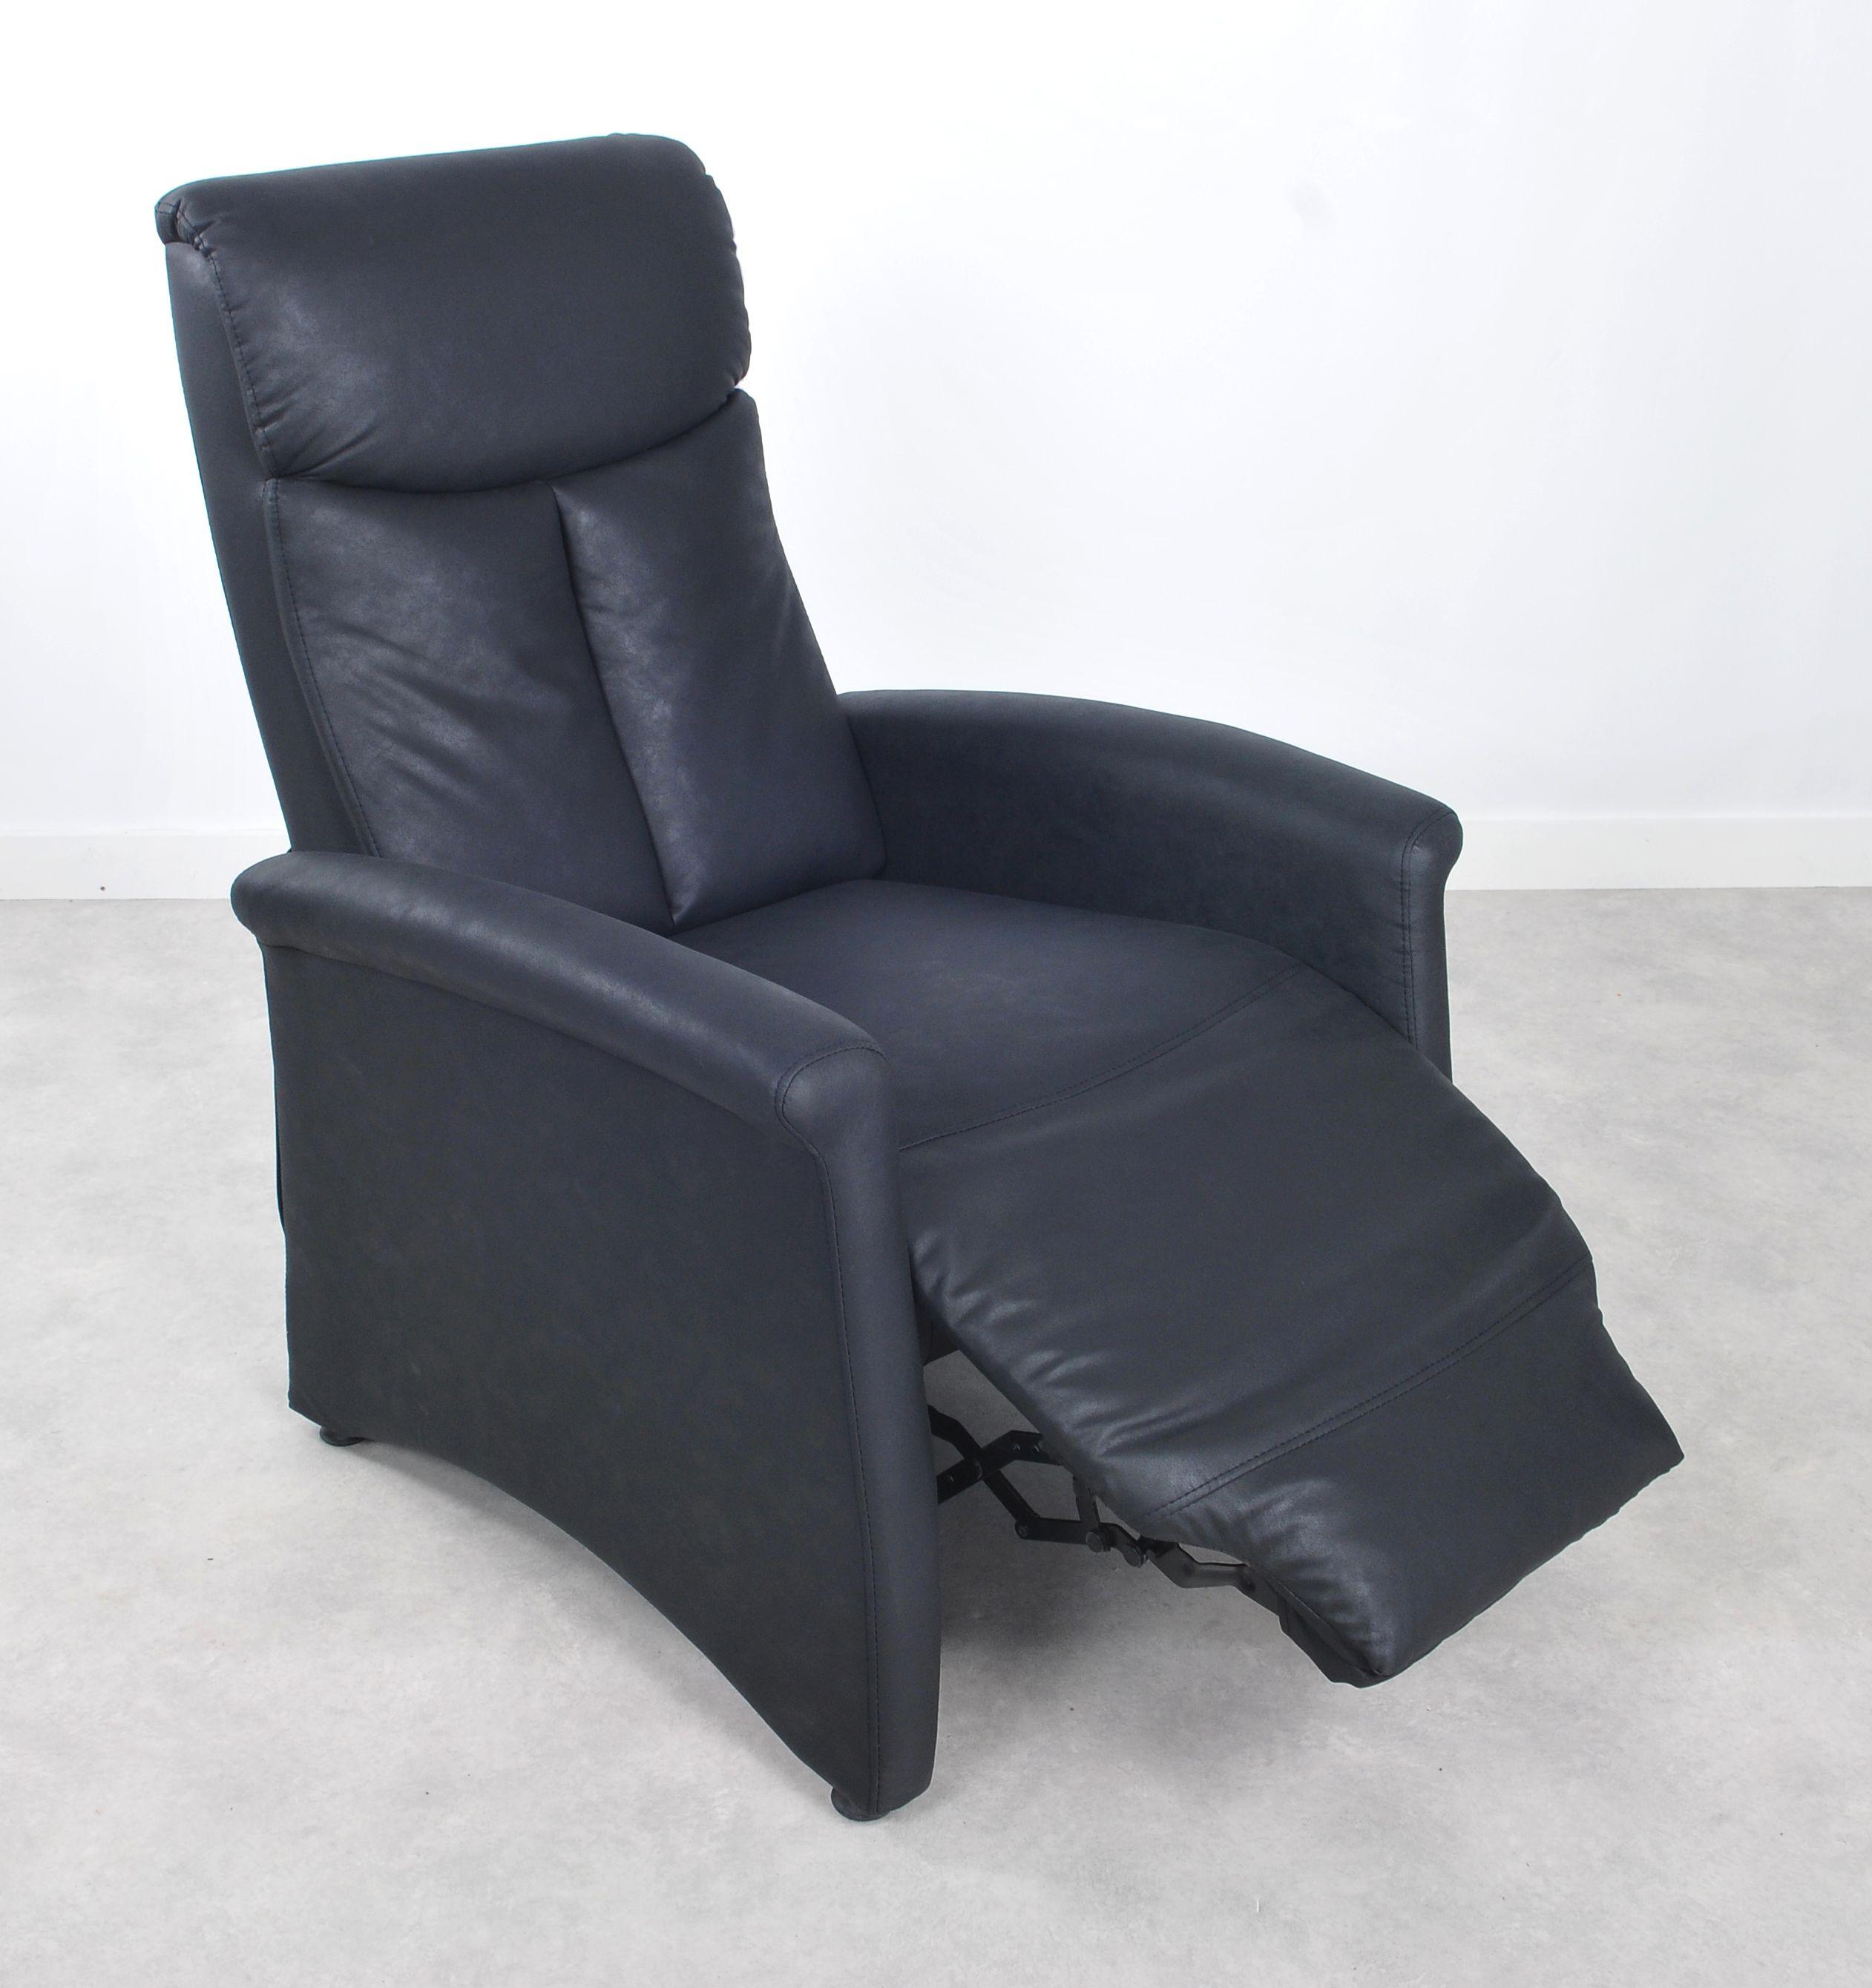 Riser recliner chair S 190